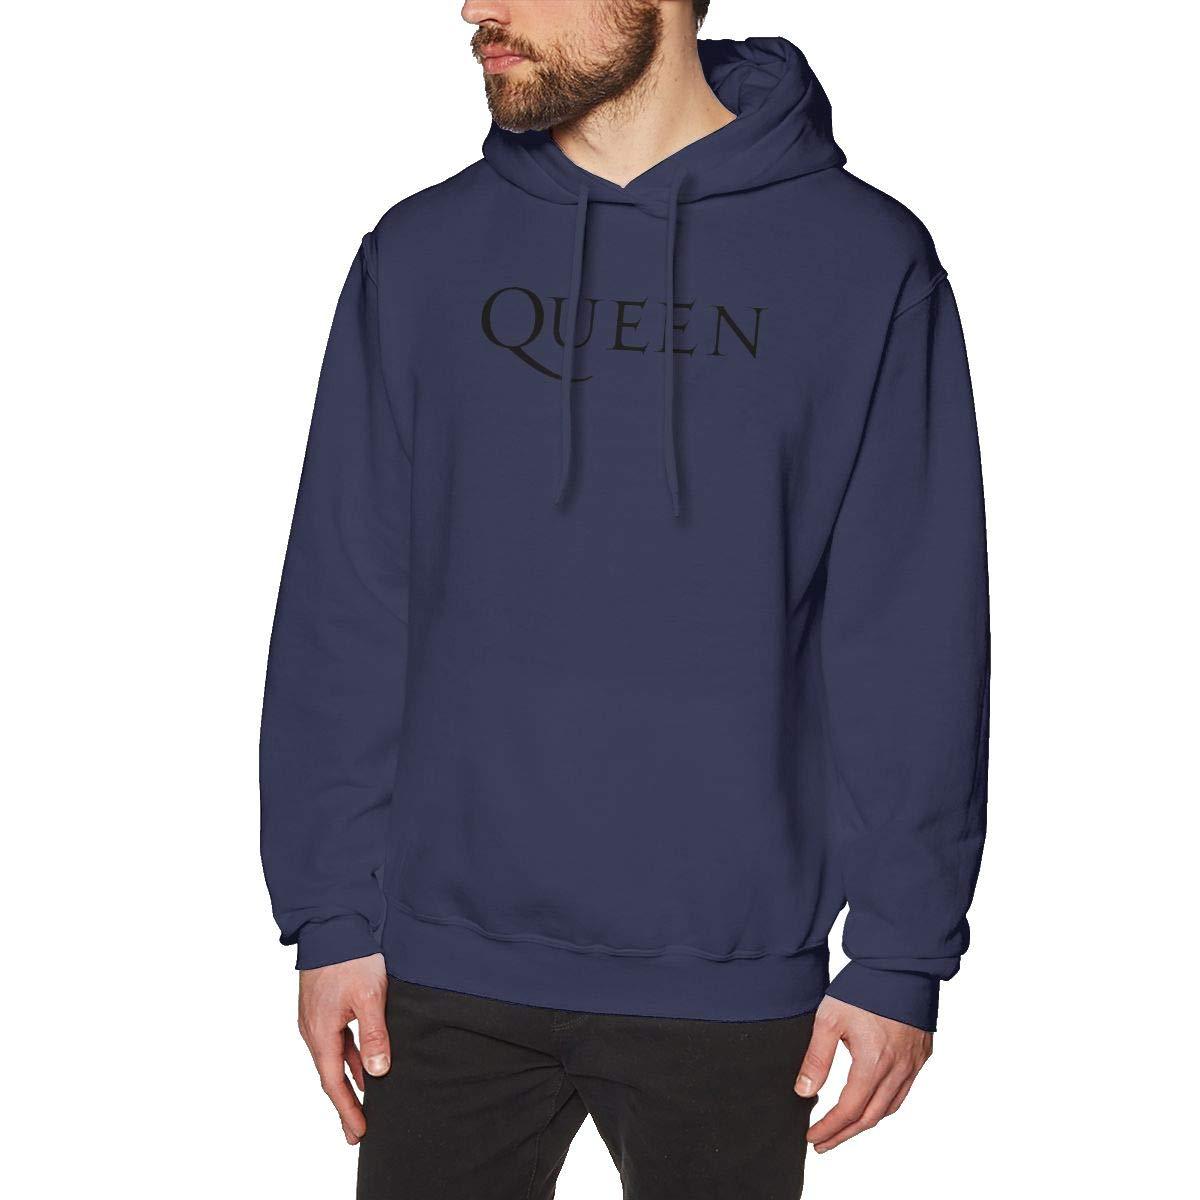 Yksth S Pullover Queen Jdn Warm Shirts 3585